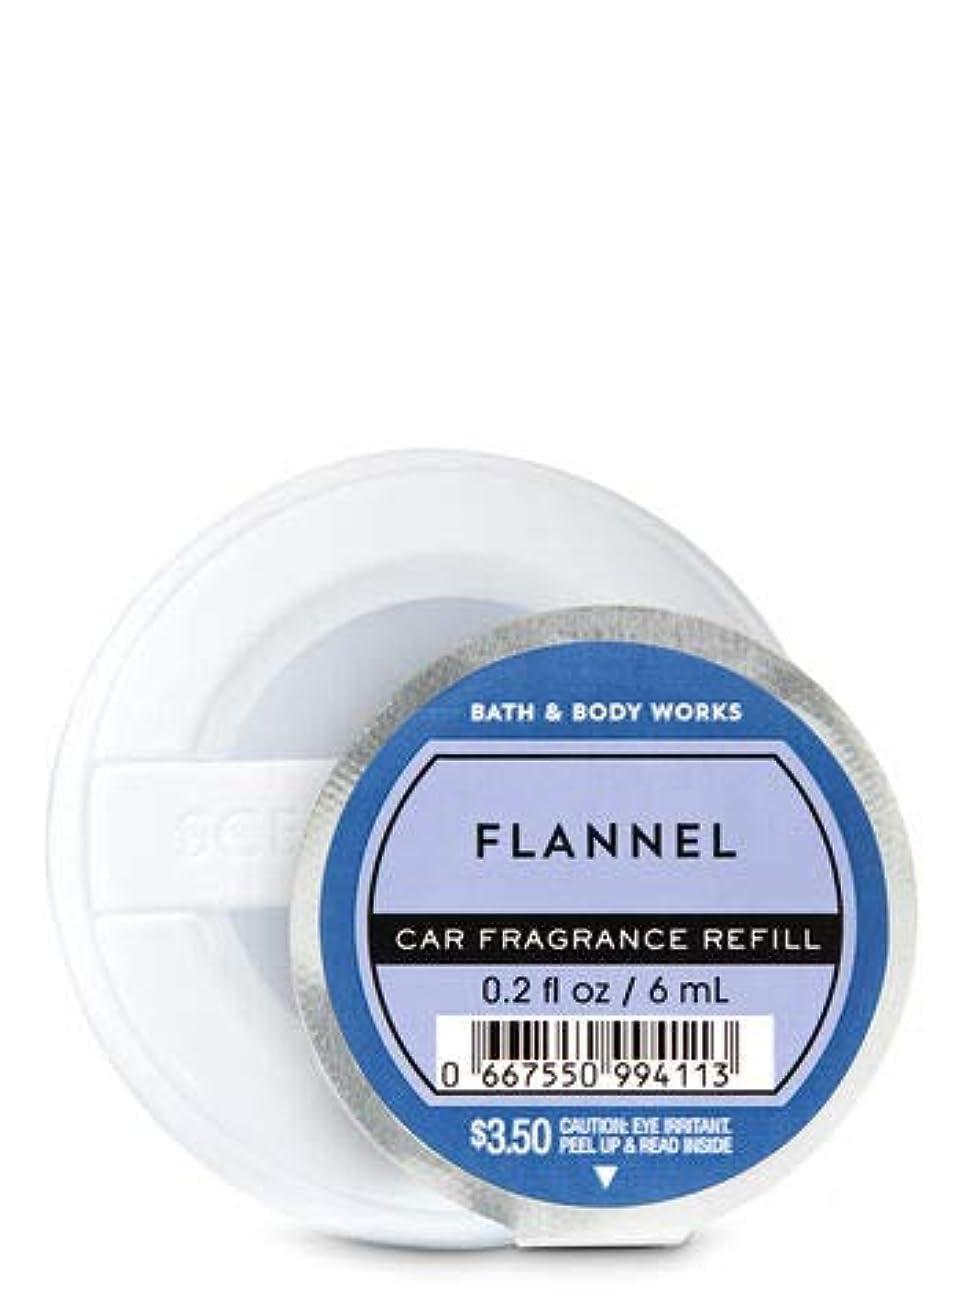 寮取り付けふさわしい【Bath&Body Works/バス&ボディワークス】 クリップ式芳香剤 セントポータブル詰替えリフィル フランネル Scentportable Fragrance Refill Flannel [並行輸入品]